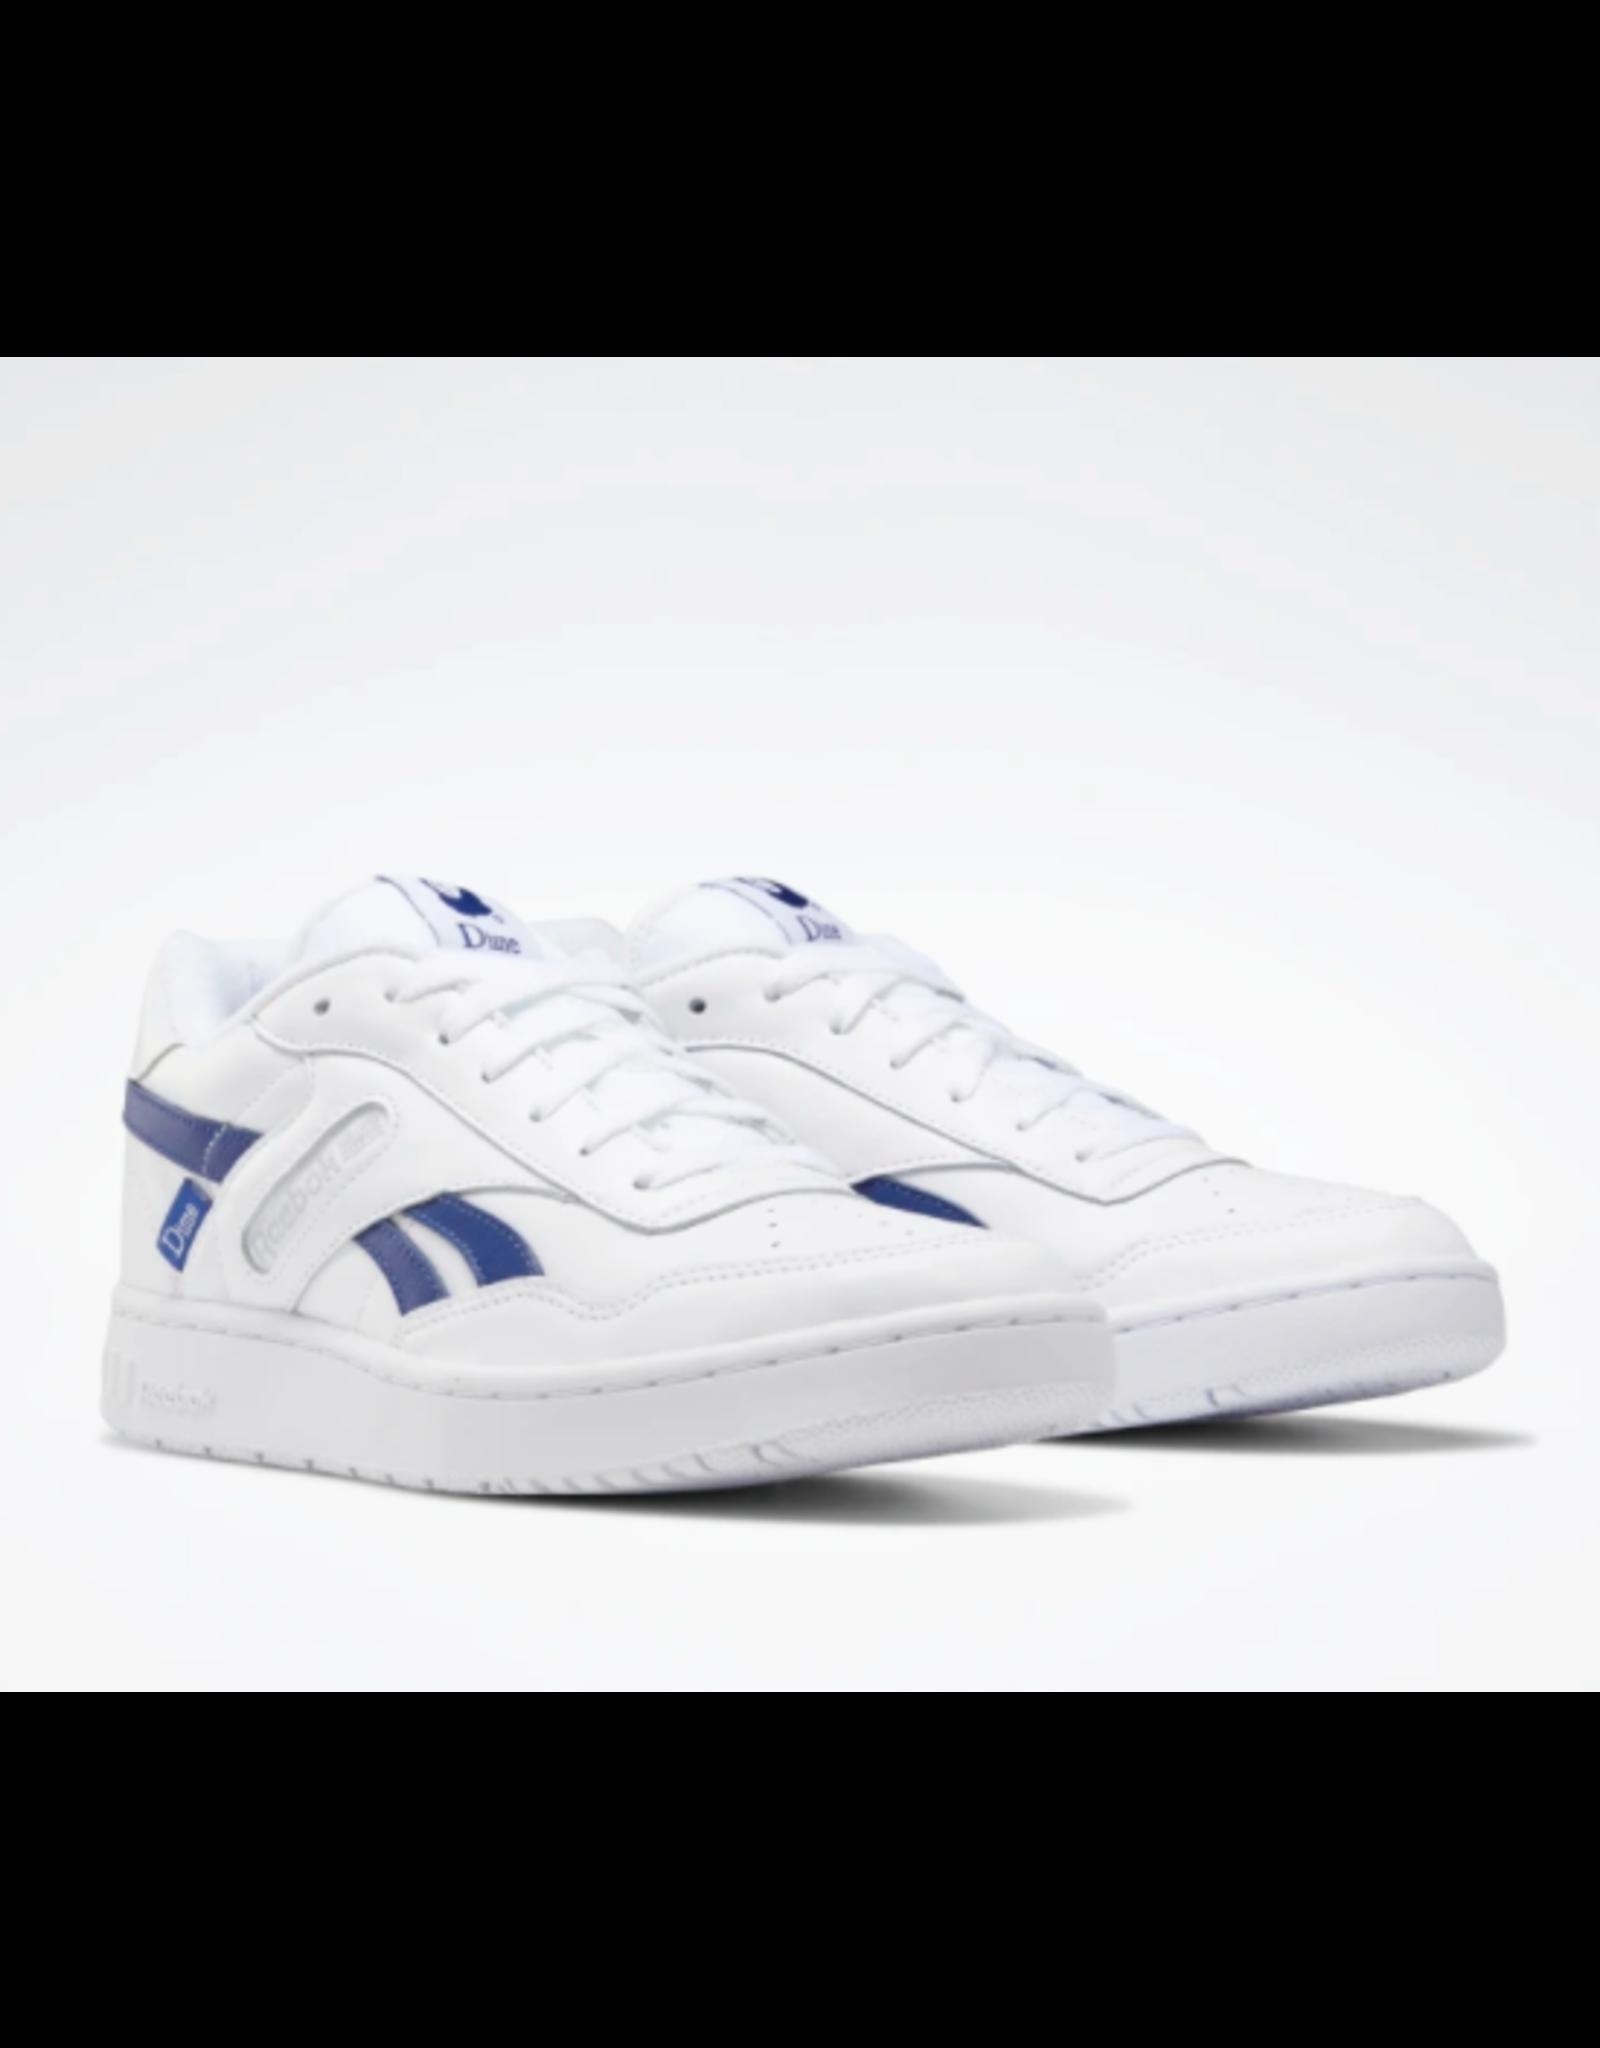 Reebok x Dime BB4000 Basketball Shoes - White